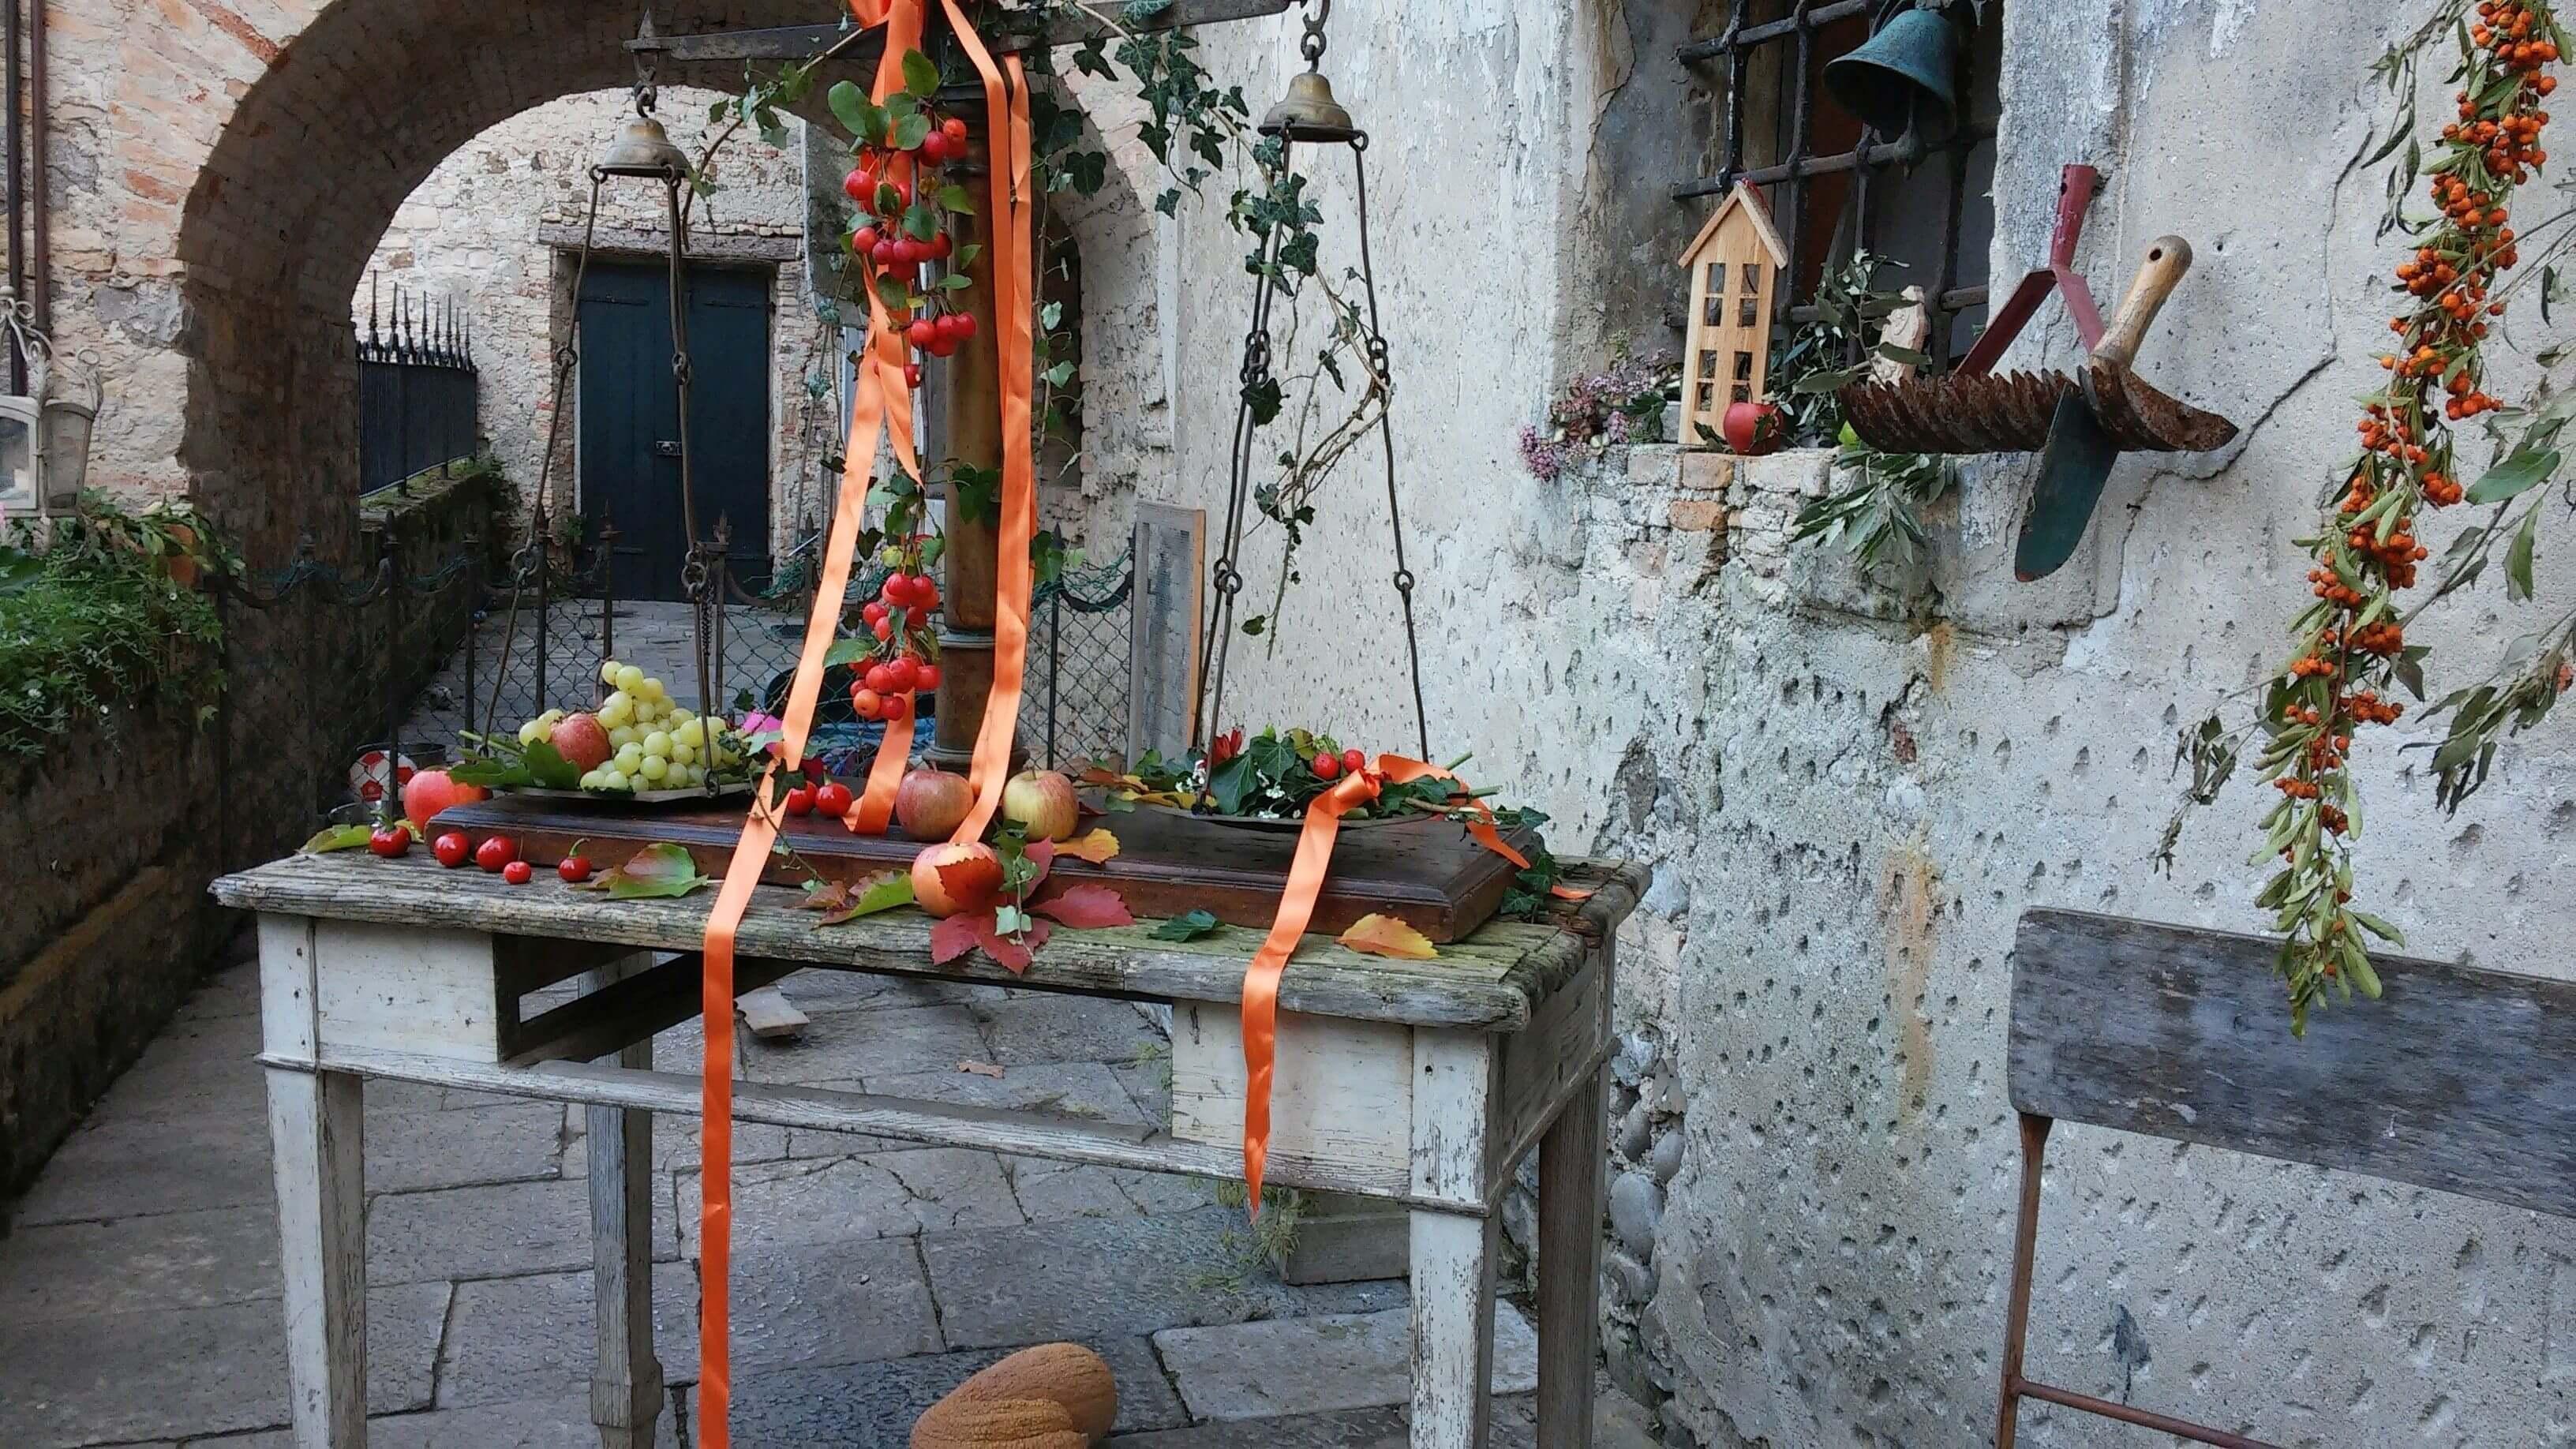 Strassoldo_In Autunno Frutti, Acque e Castelli (2)